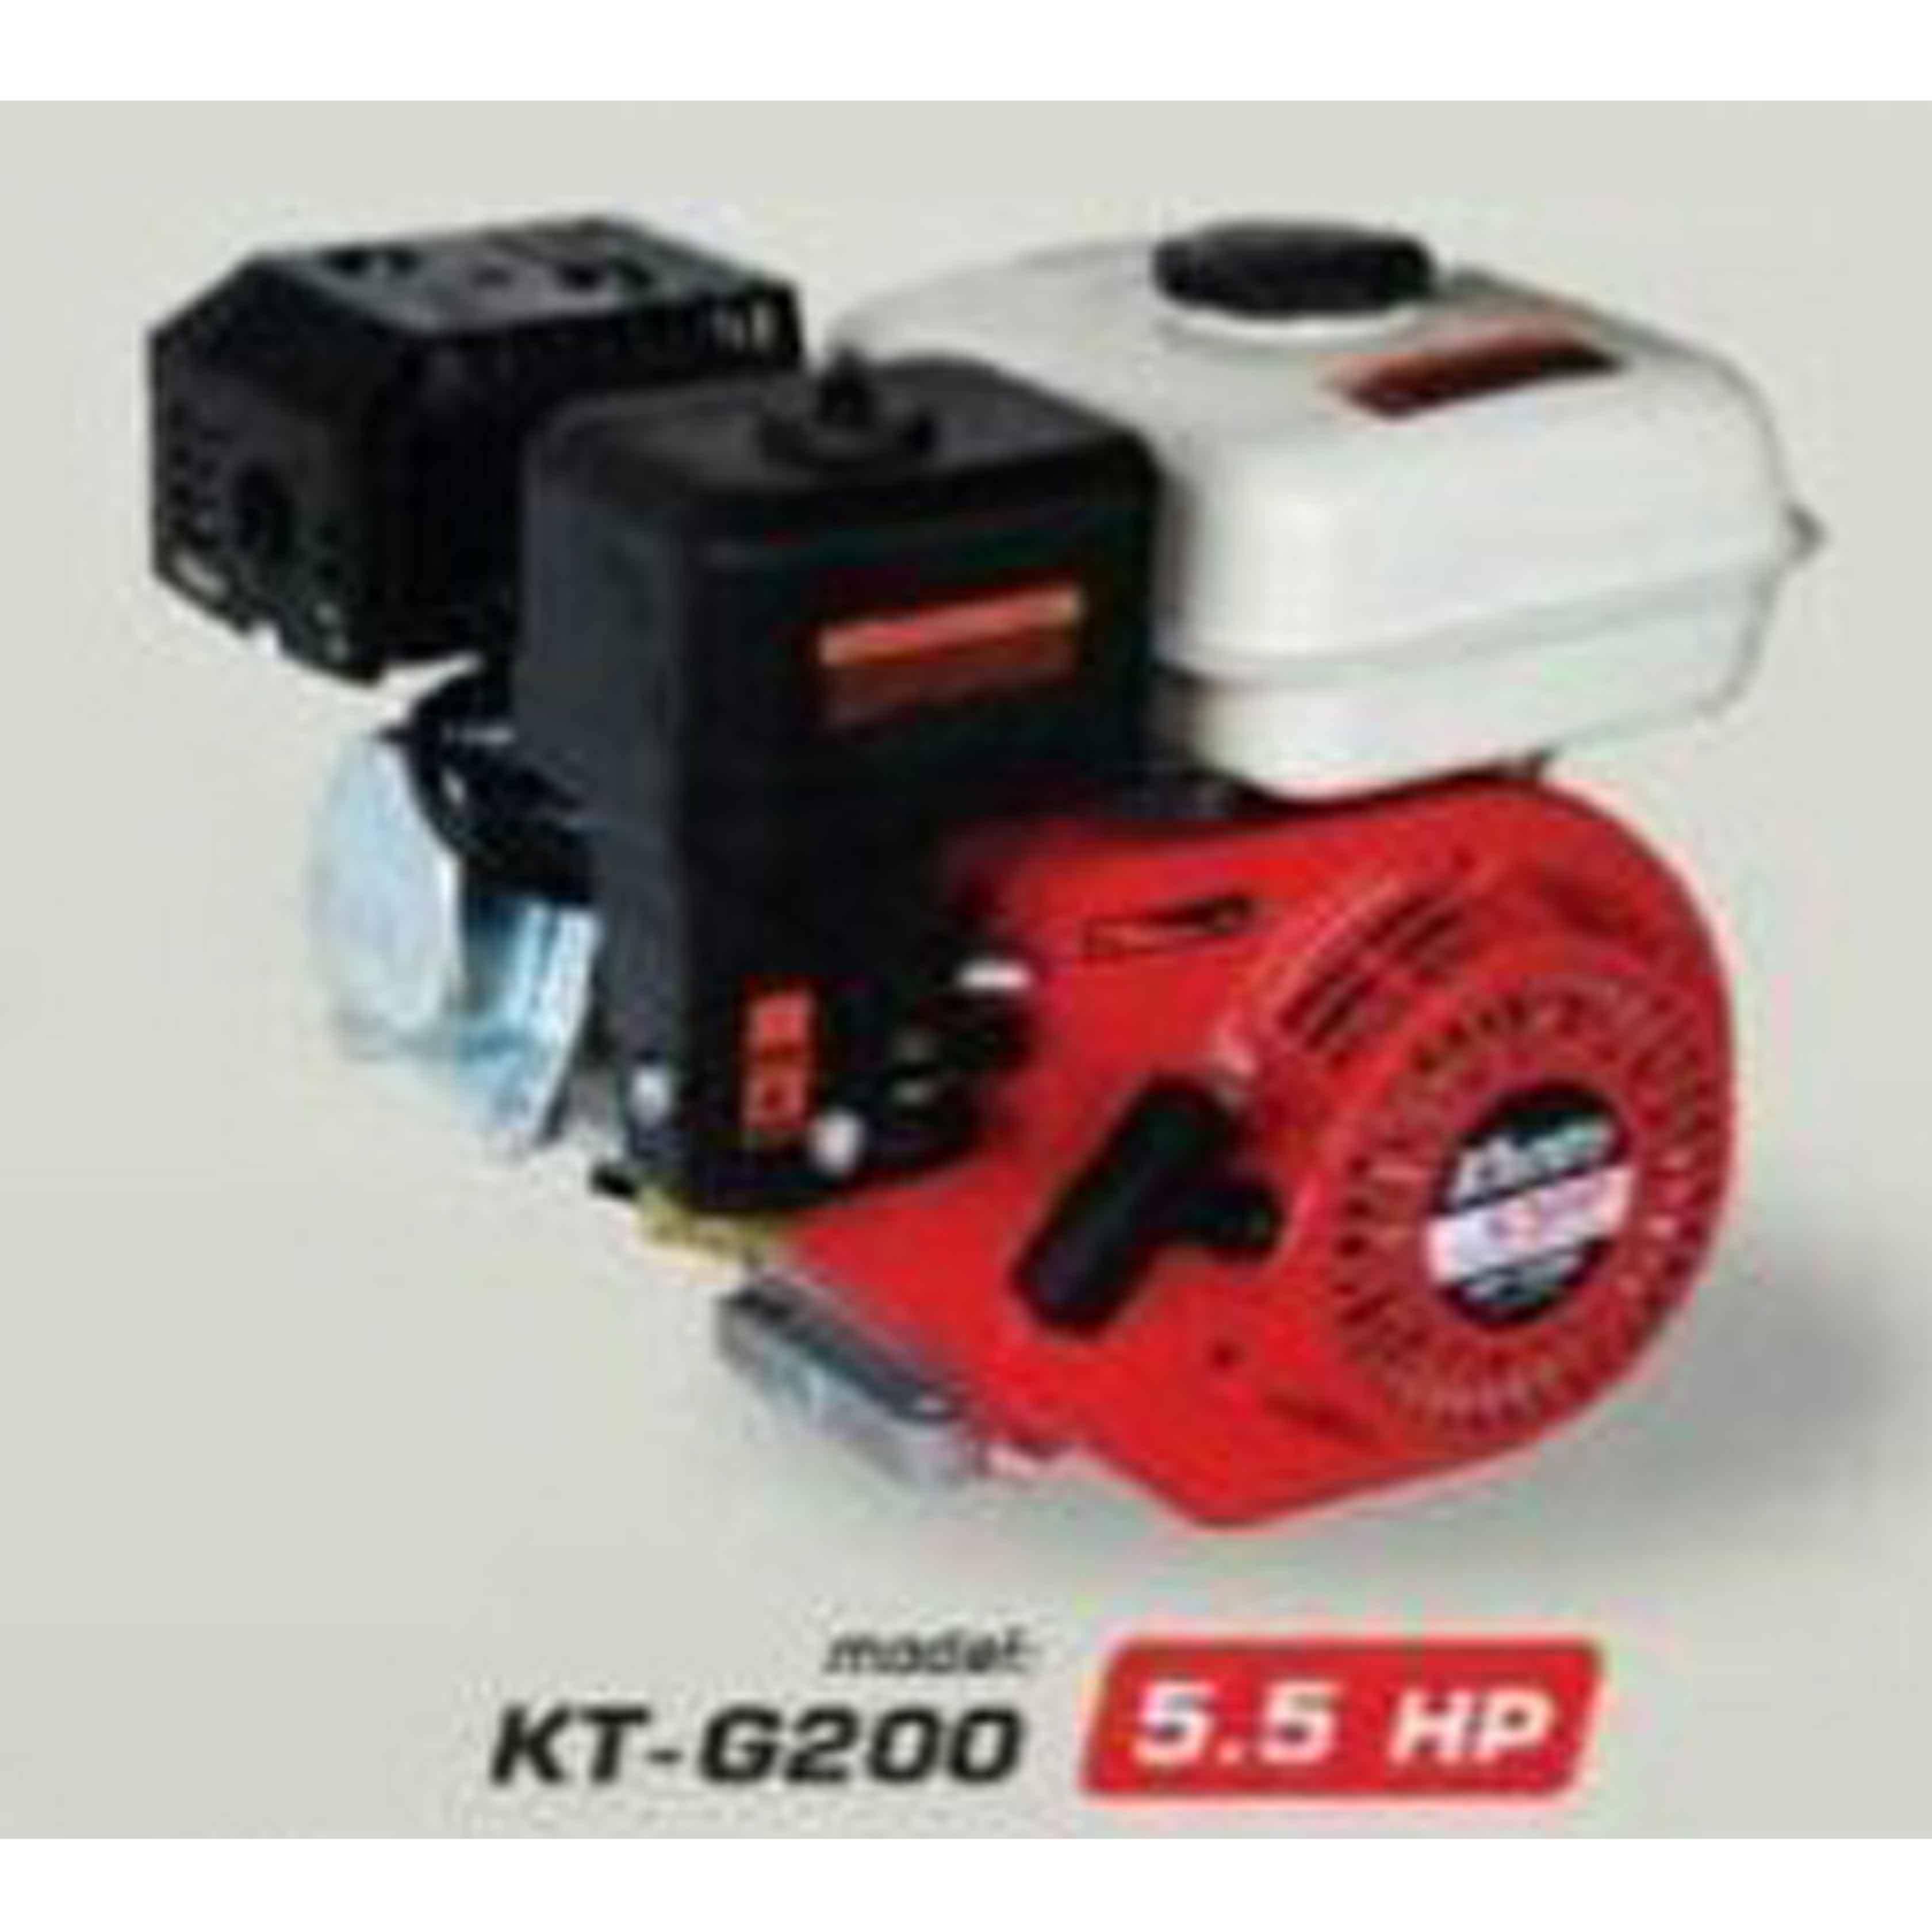 เครื่องยนต์อเนกประสงค์ เบนซิน KANTO รุ่น KT-G160,ขายเครื่องมือช่าง